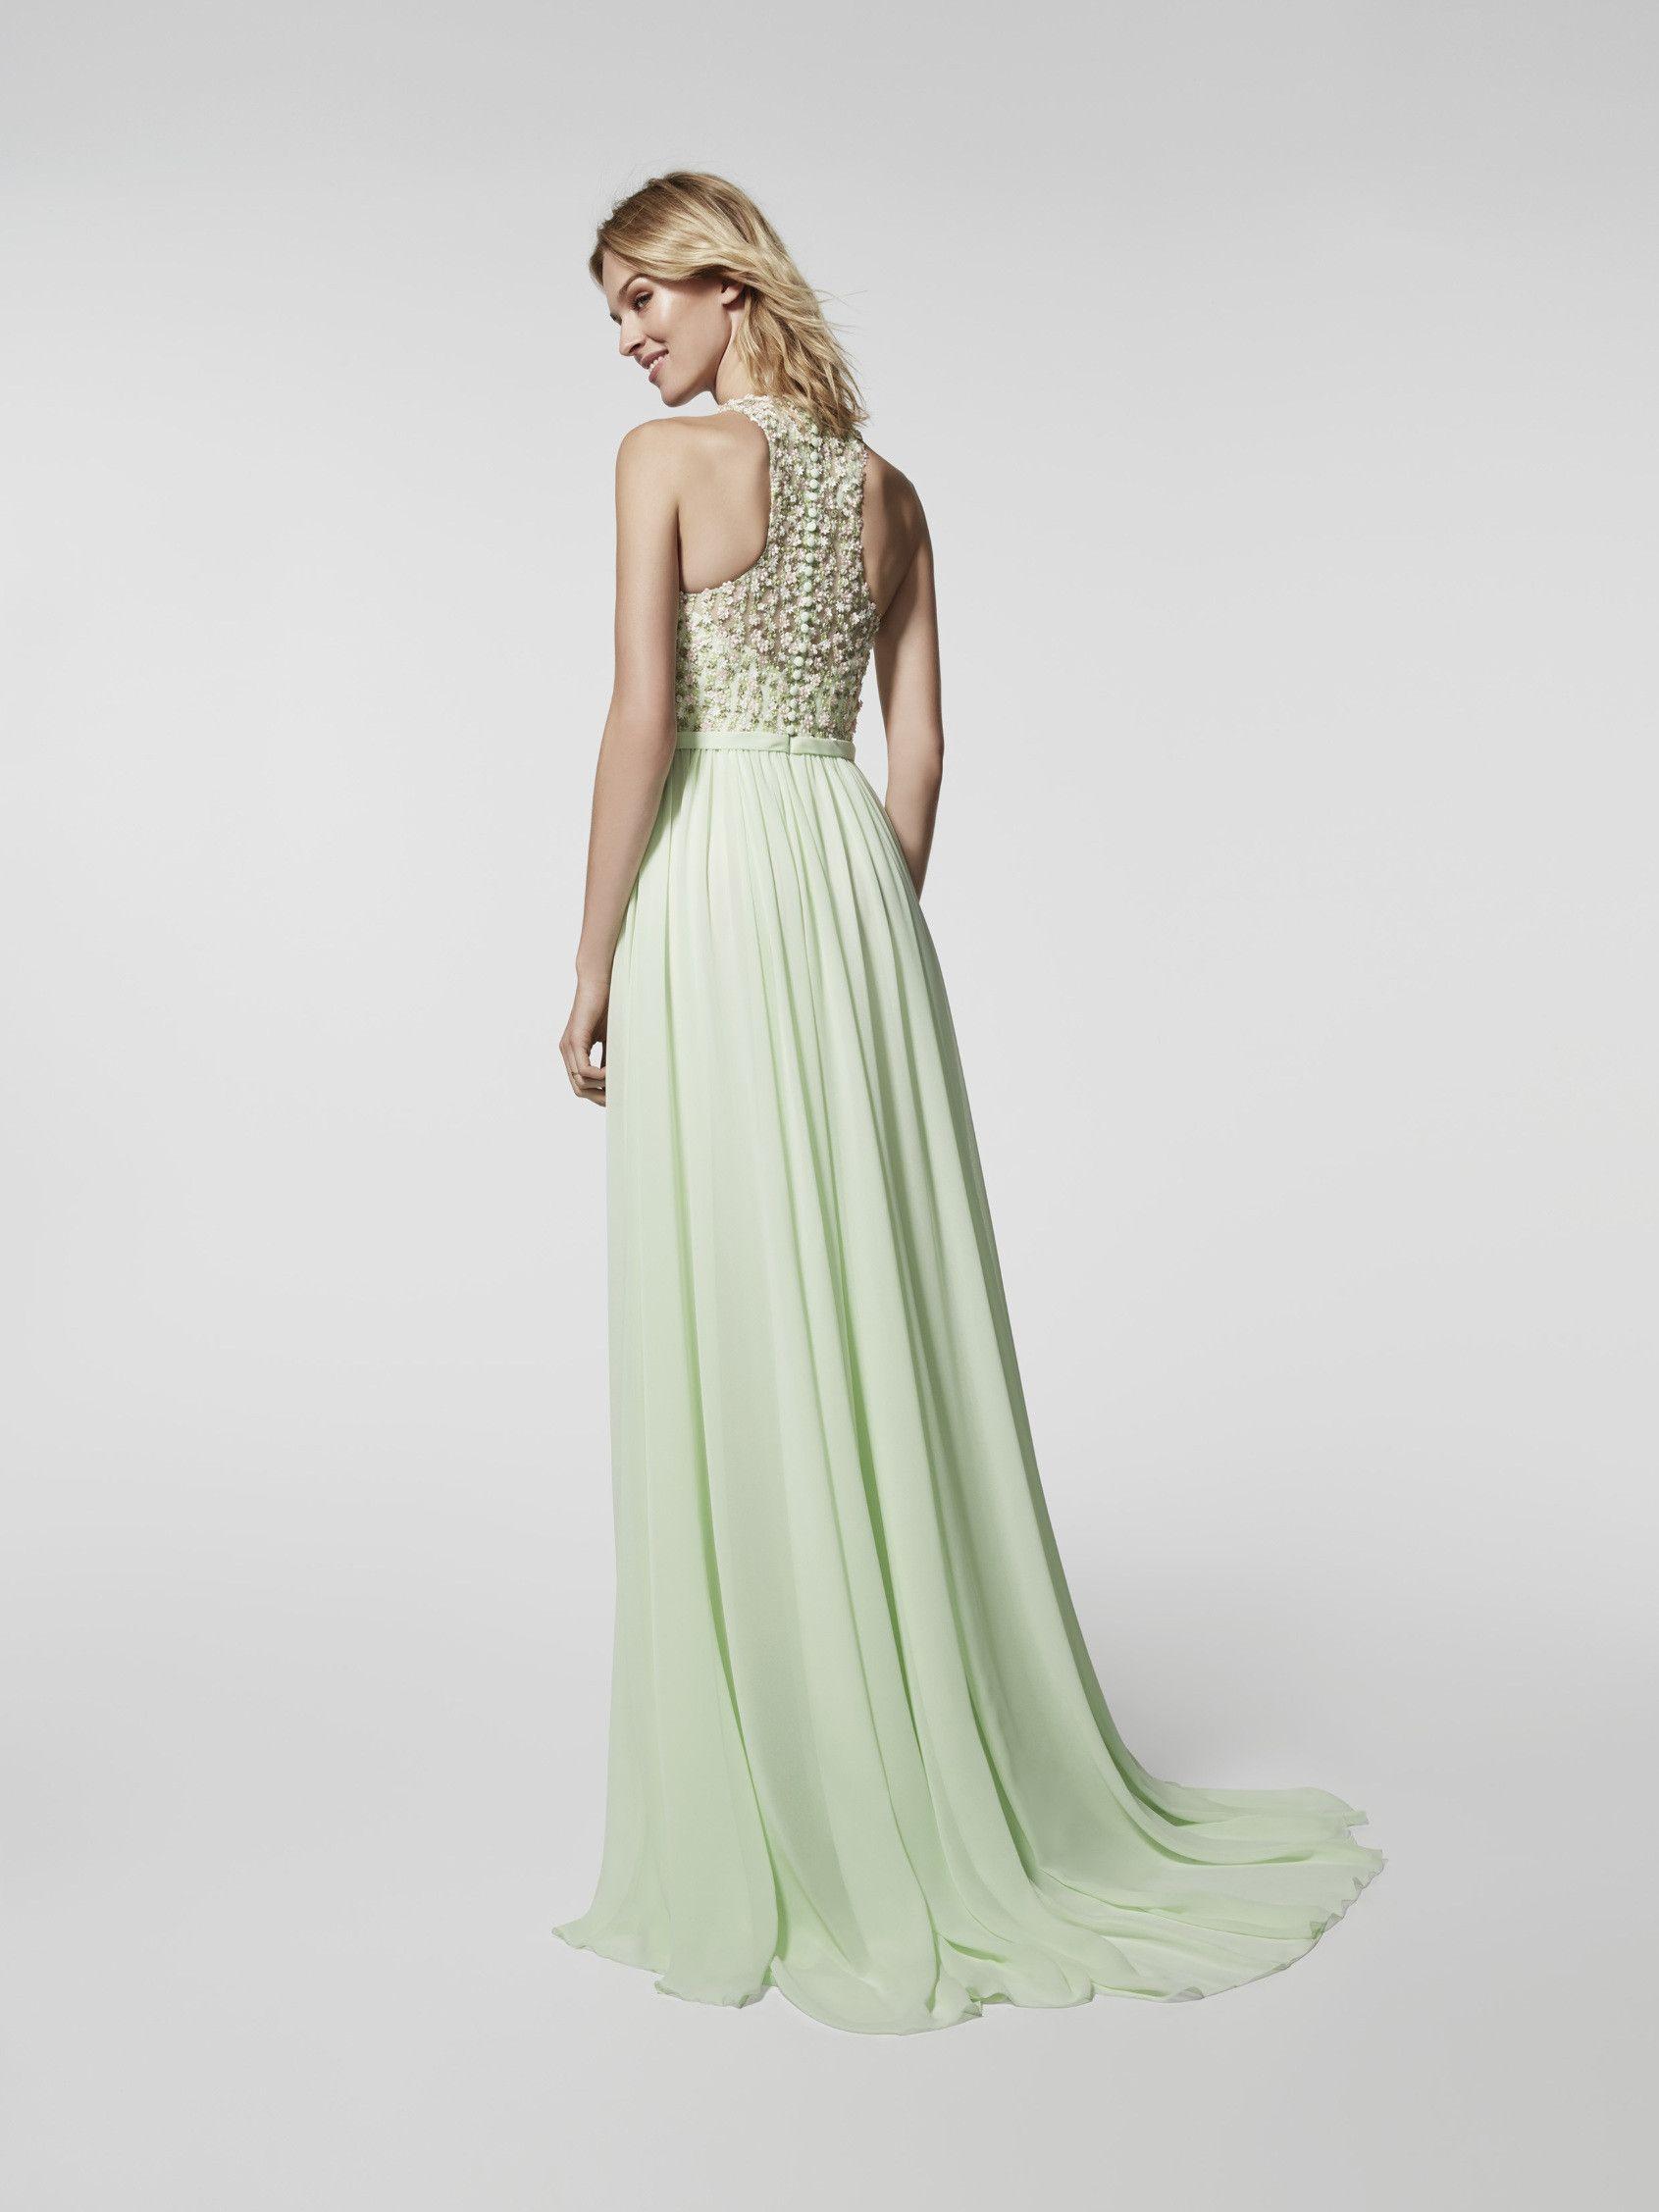 Bild Abendkleid grün (12). Modell GRIDA lang ärmellos  Vestido